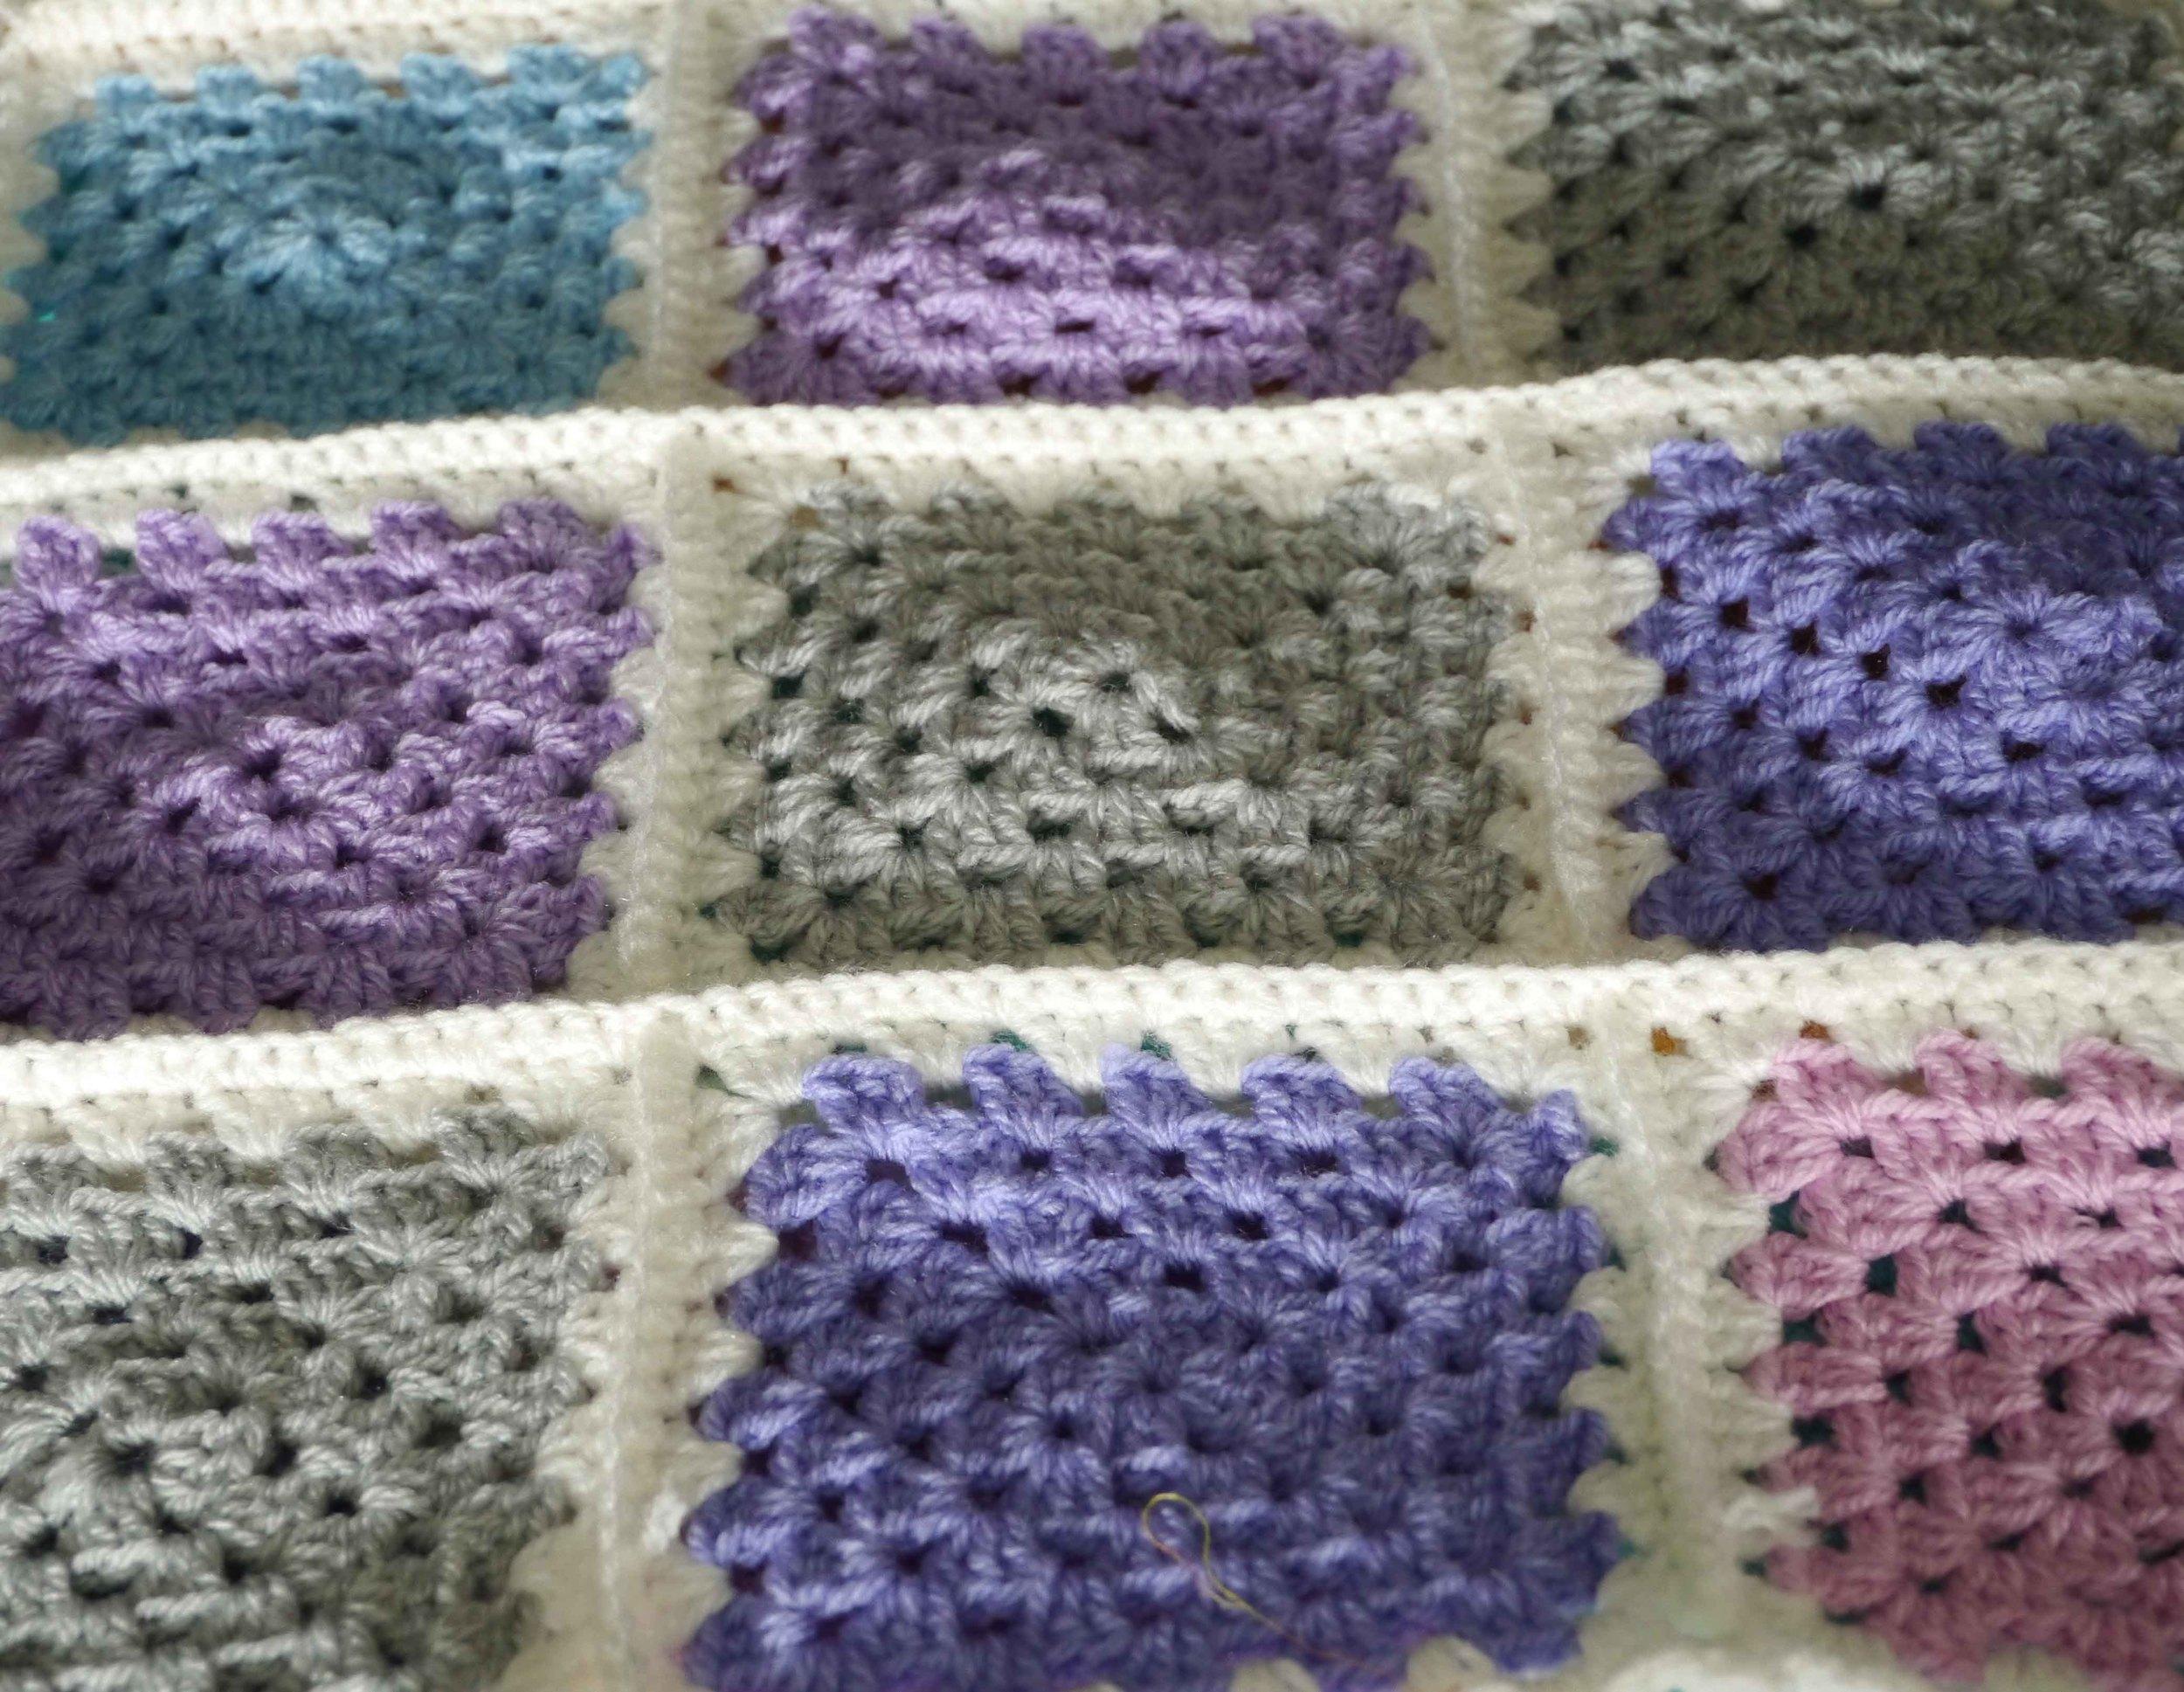 granny square baby blanket 3.jpg